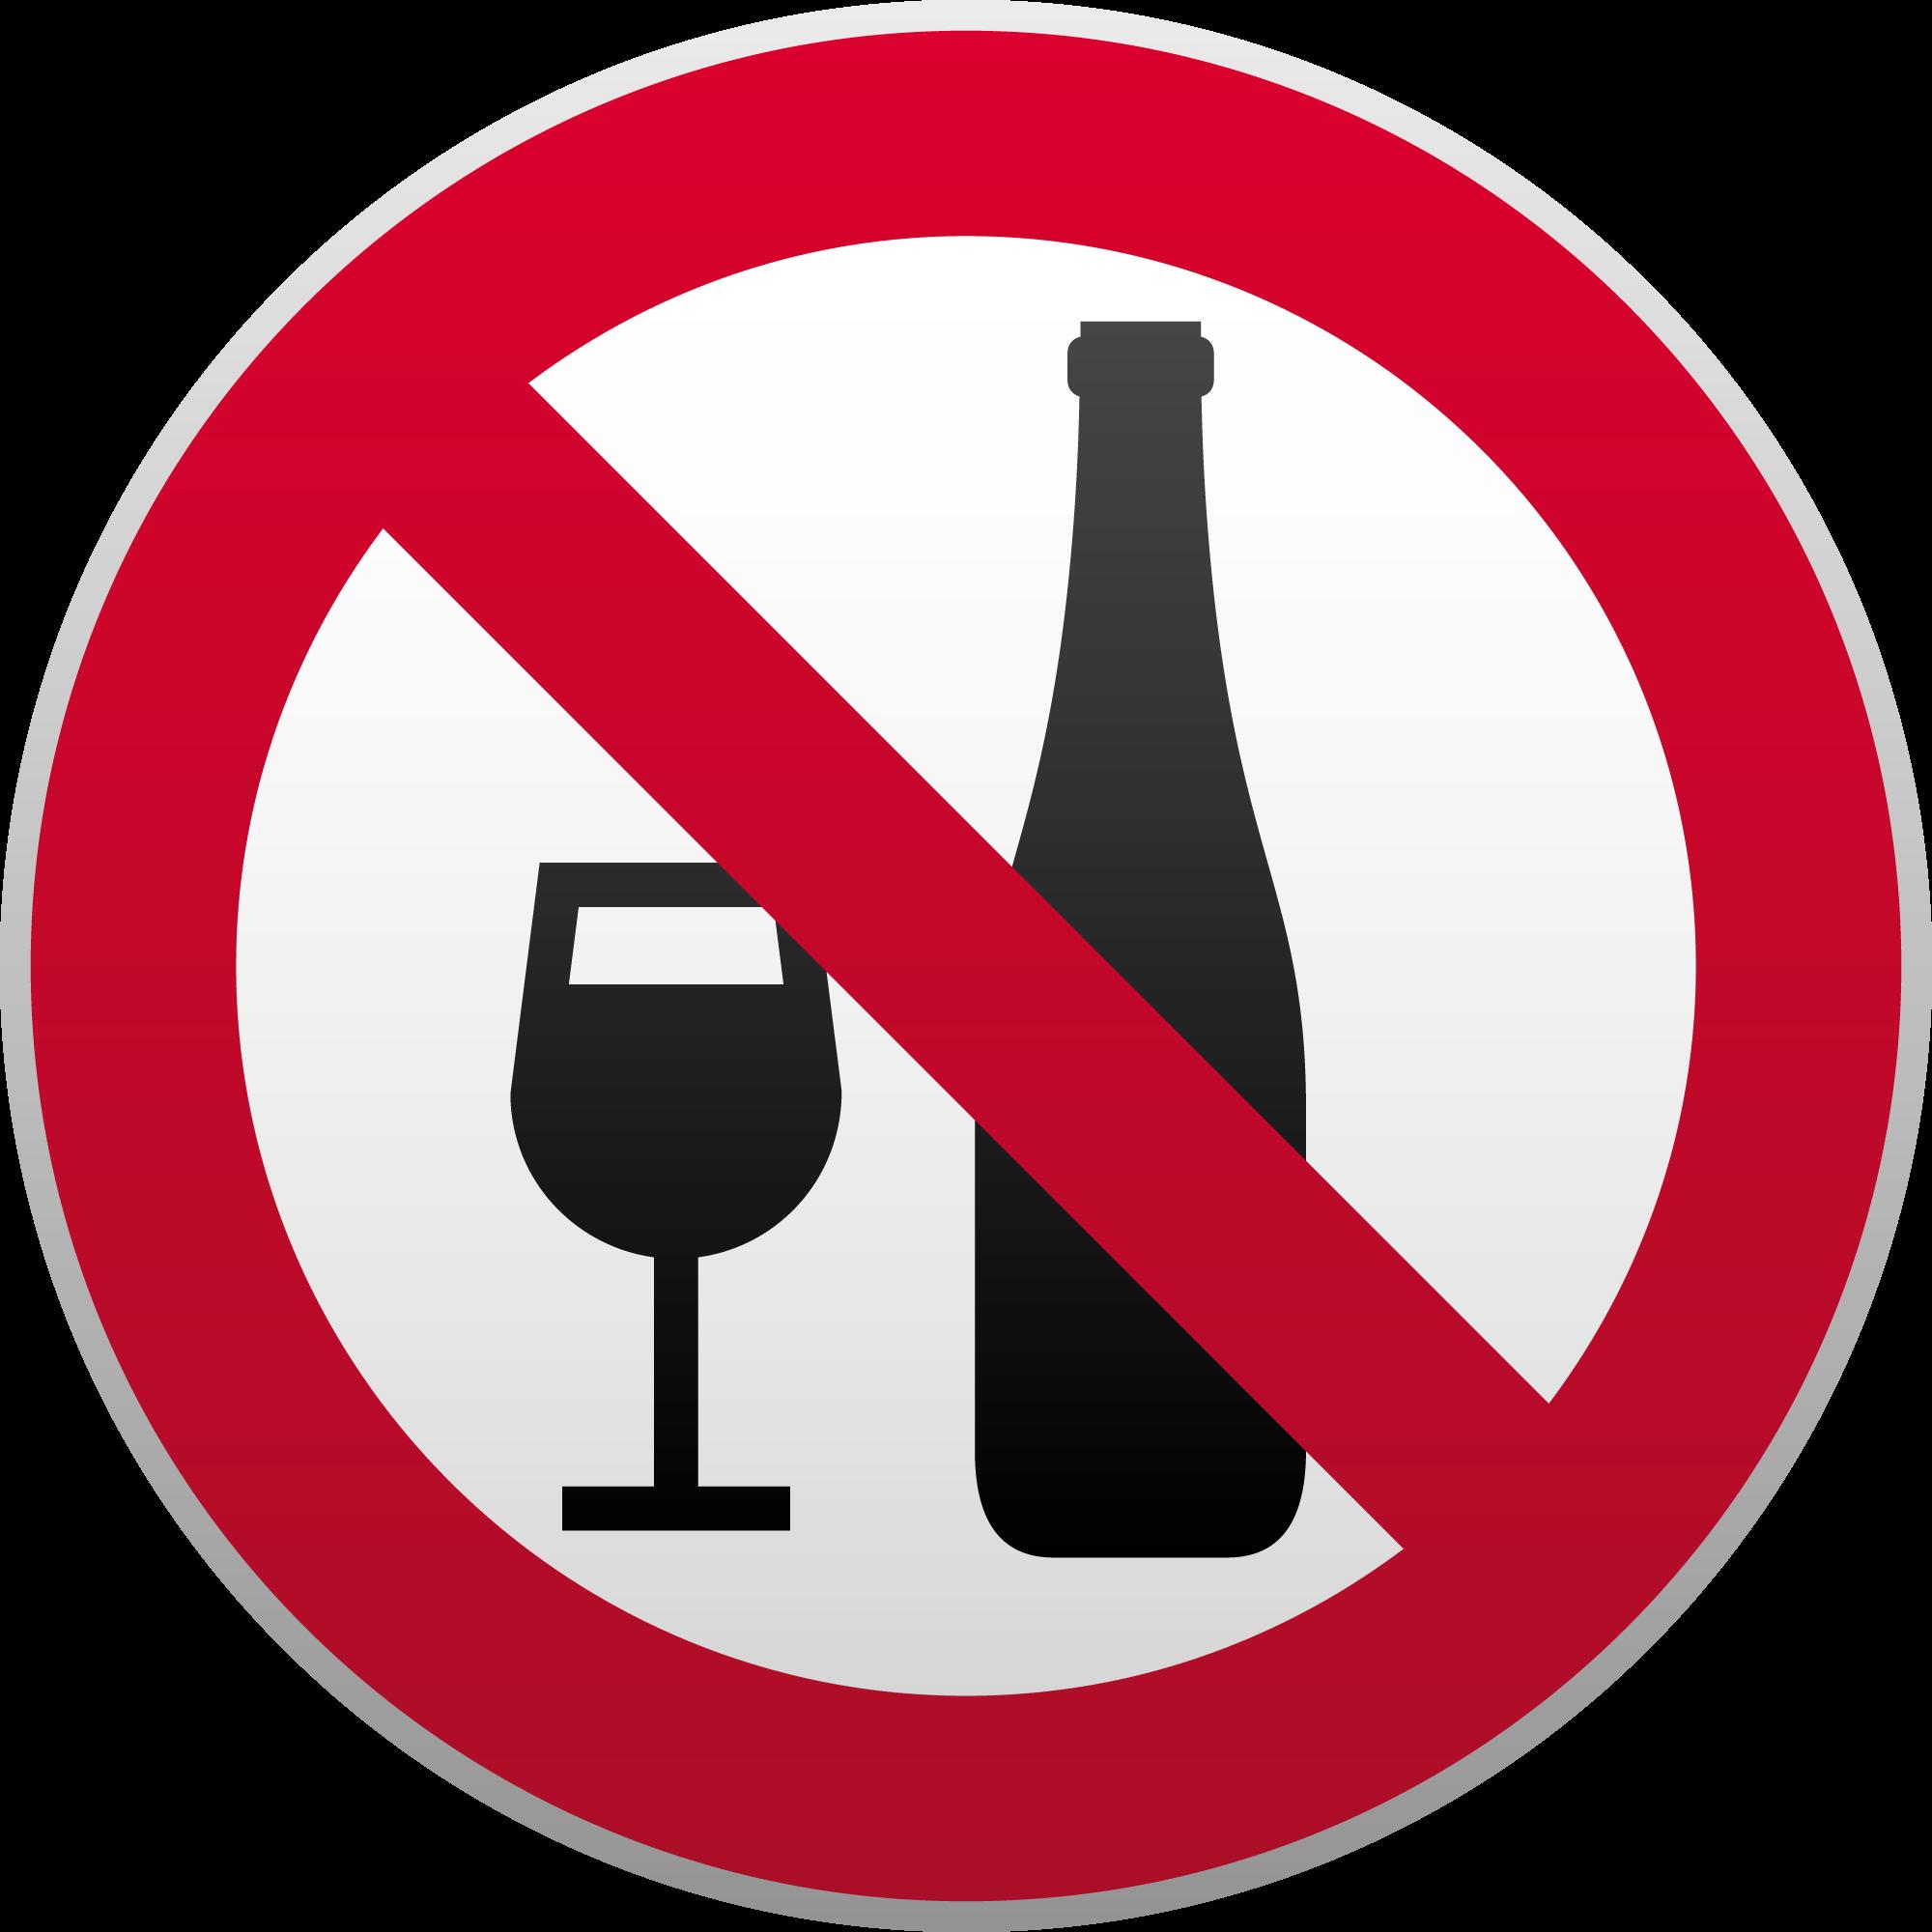 """Знак """"пить запрещено"""" или """"запрет распития спиртных напитков"""""""